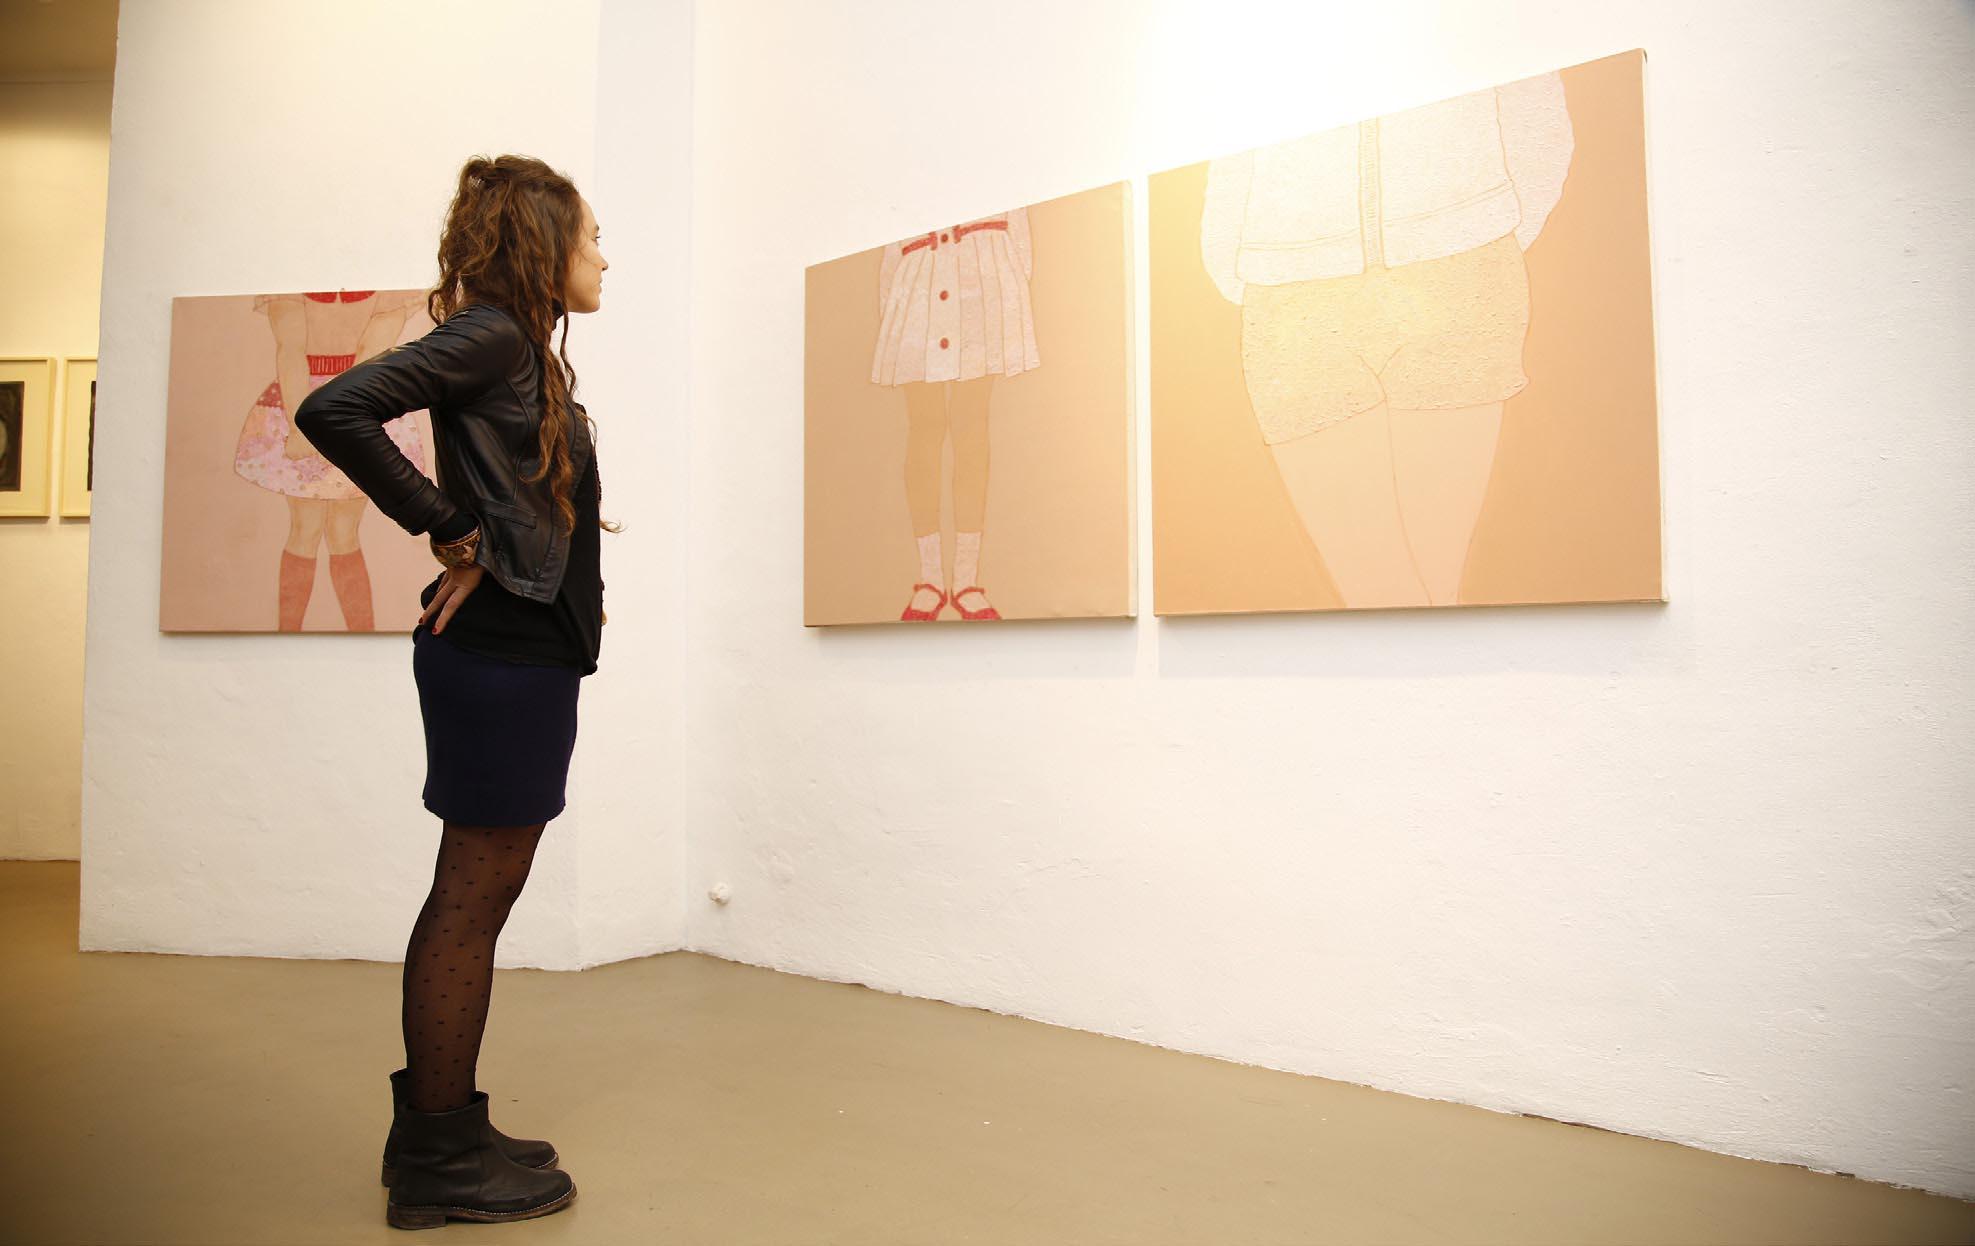 Pausa entre las imagenes,|Offbrera, Milano 2014